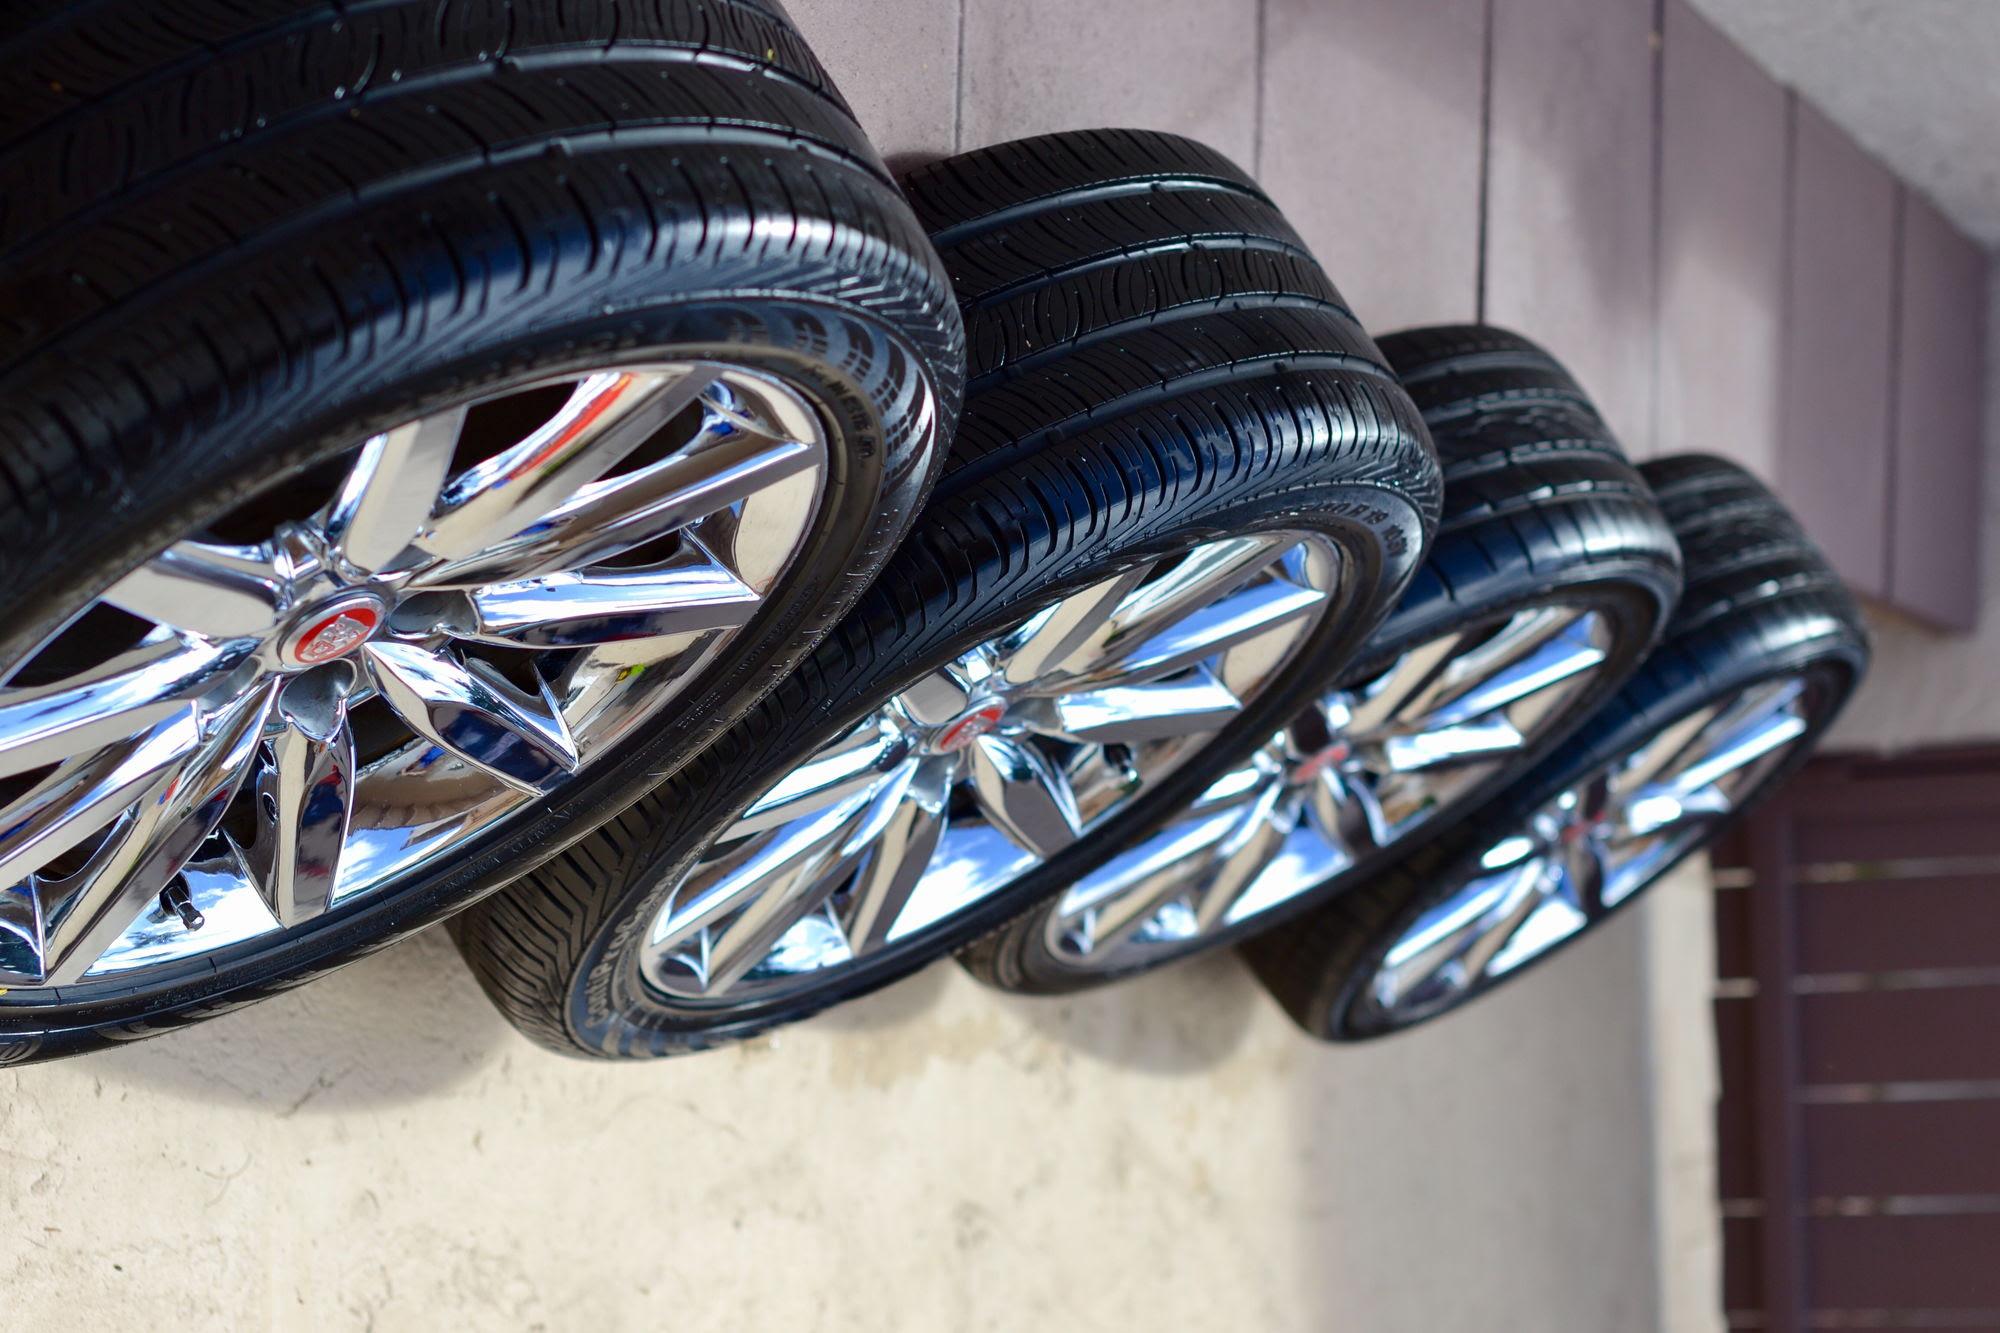 Fs Southeast Jaguar Xk8 Xkr Atlas Chrome Wheels Set Of 4 With Tires Jaguar Forums